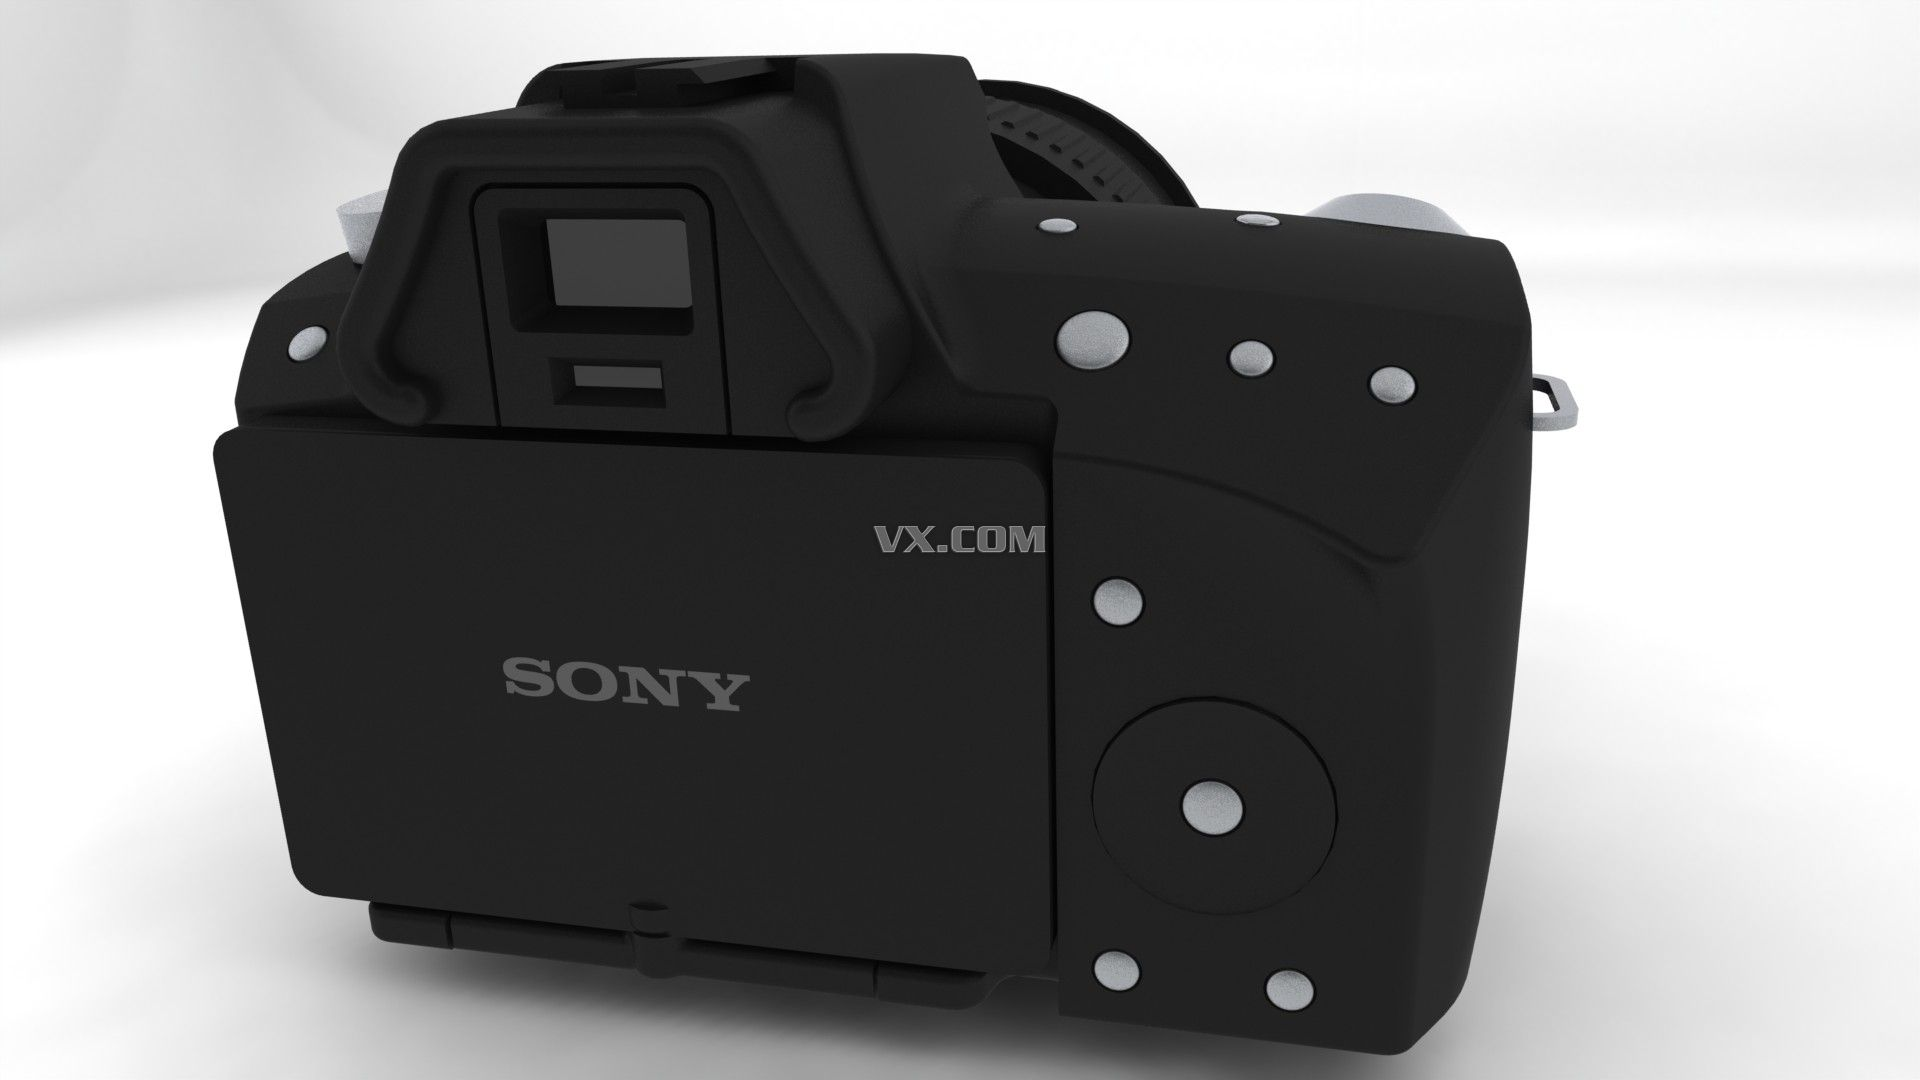 索尼相机_solidworks_数码电子_3d模型_图纸下载_微小